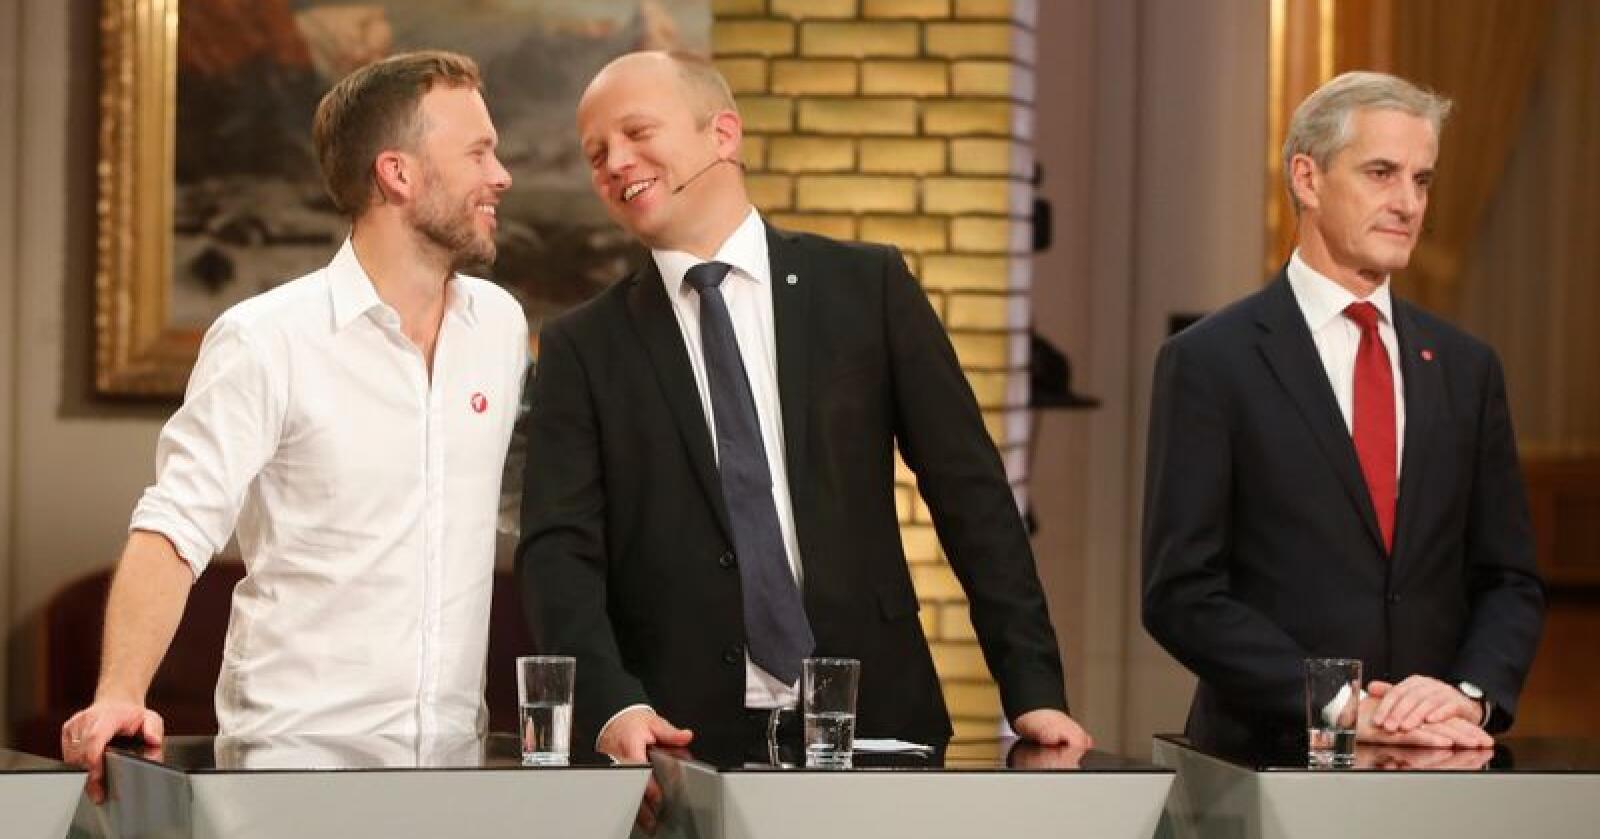 Fra v: Audun Lysbakken (SV), Trygve Slagsvold Vedum (Sp) og Jonas Gahr Støre (Ap) under debatten med partiledere i vandrehallen på Stortinget etter at valgresultatet av Stortingsvalget 2017 er ferdig.Foto: Lise Åserud / NTB scanpix